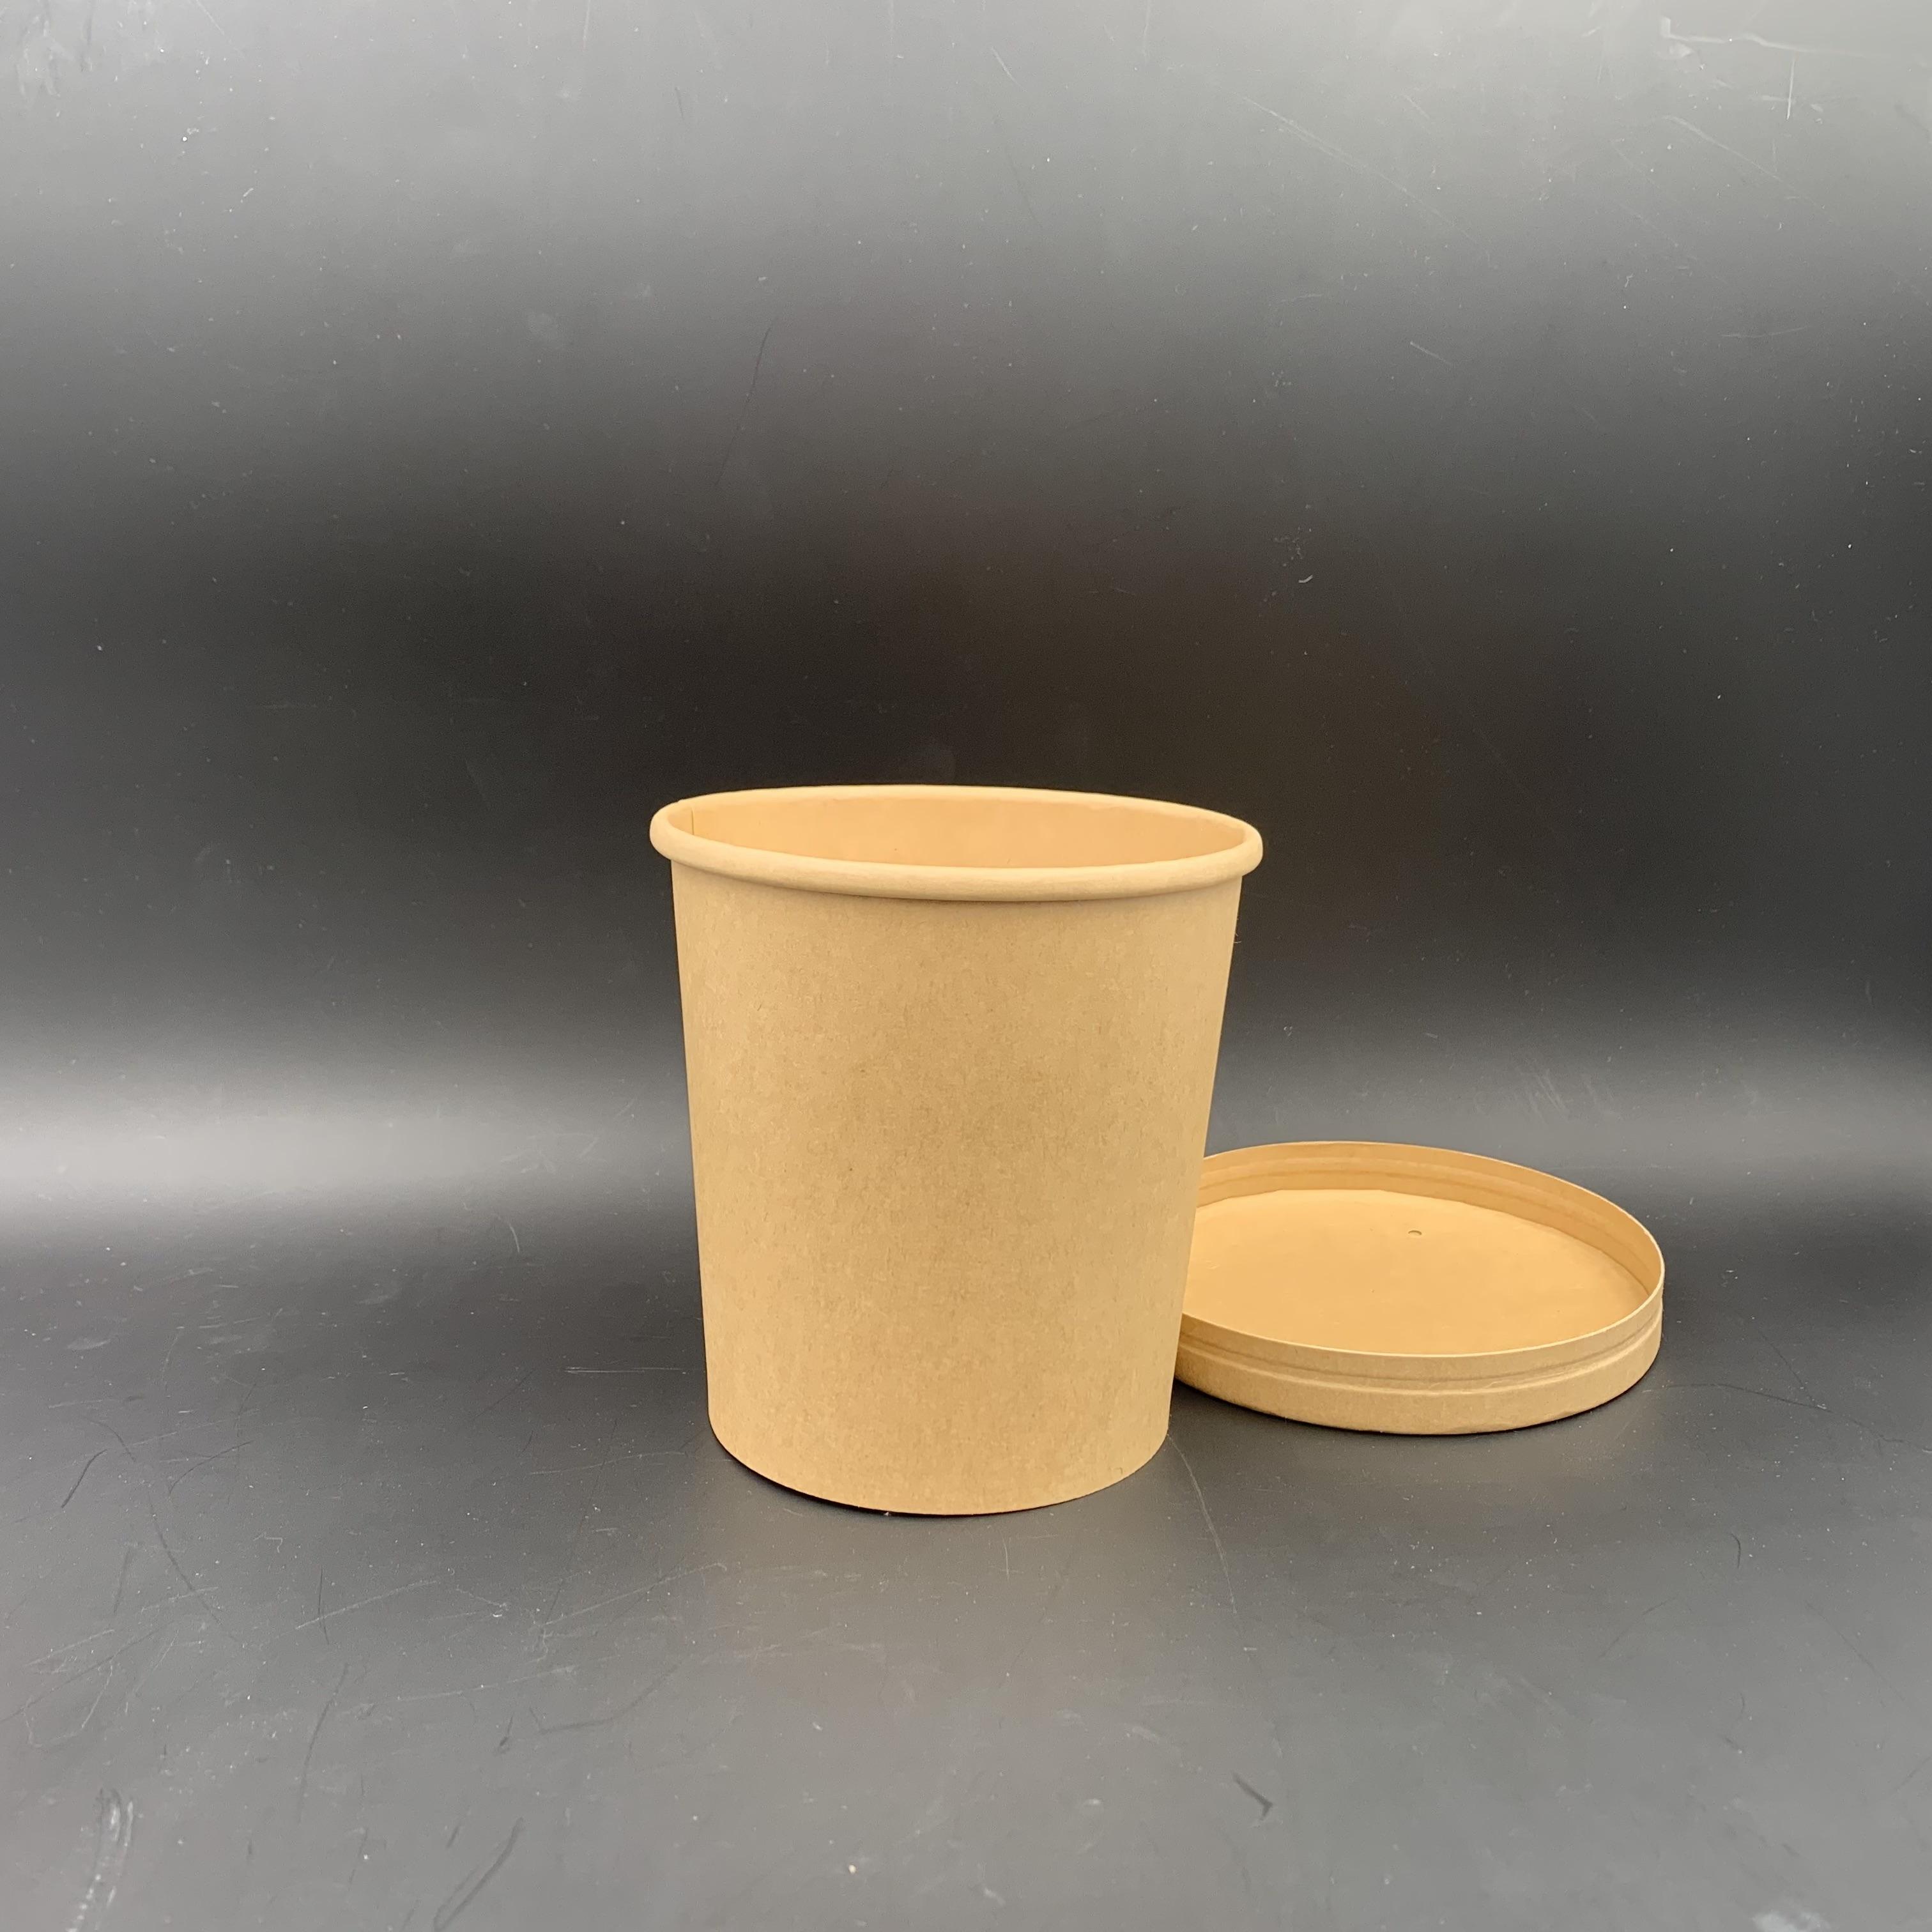 32oz 牛皮紙湯桶配紙蓋